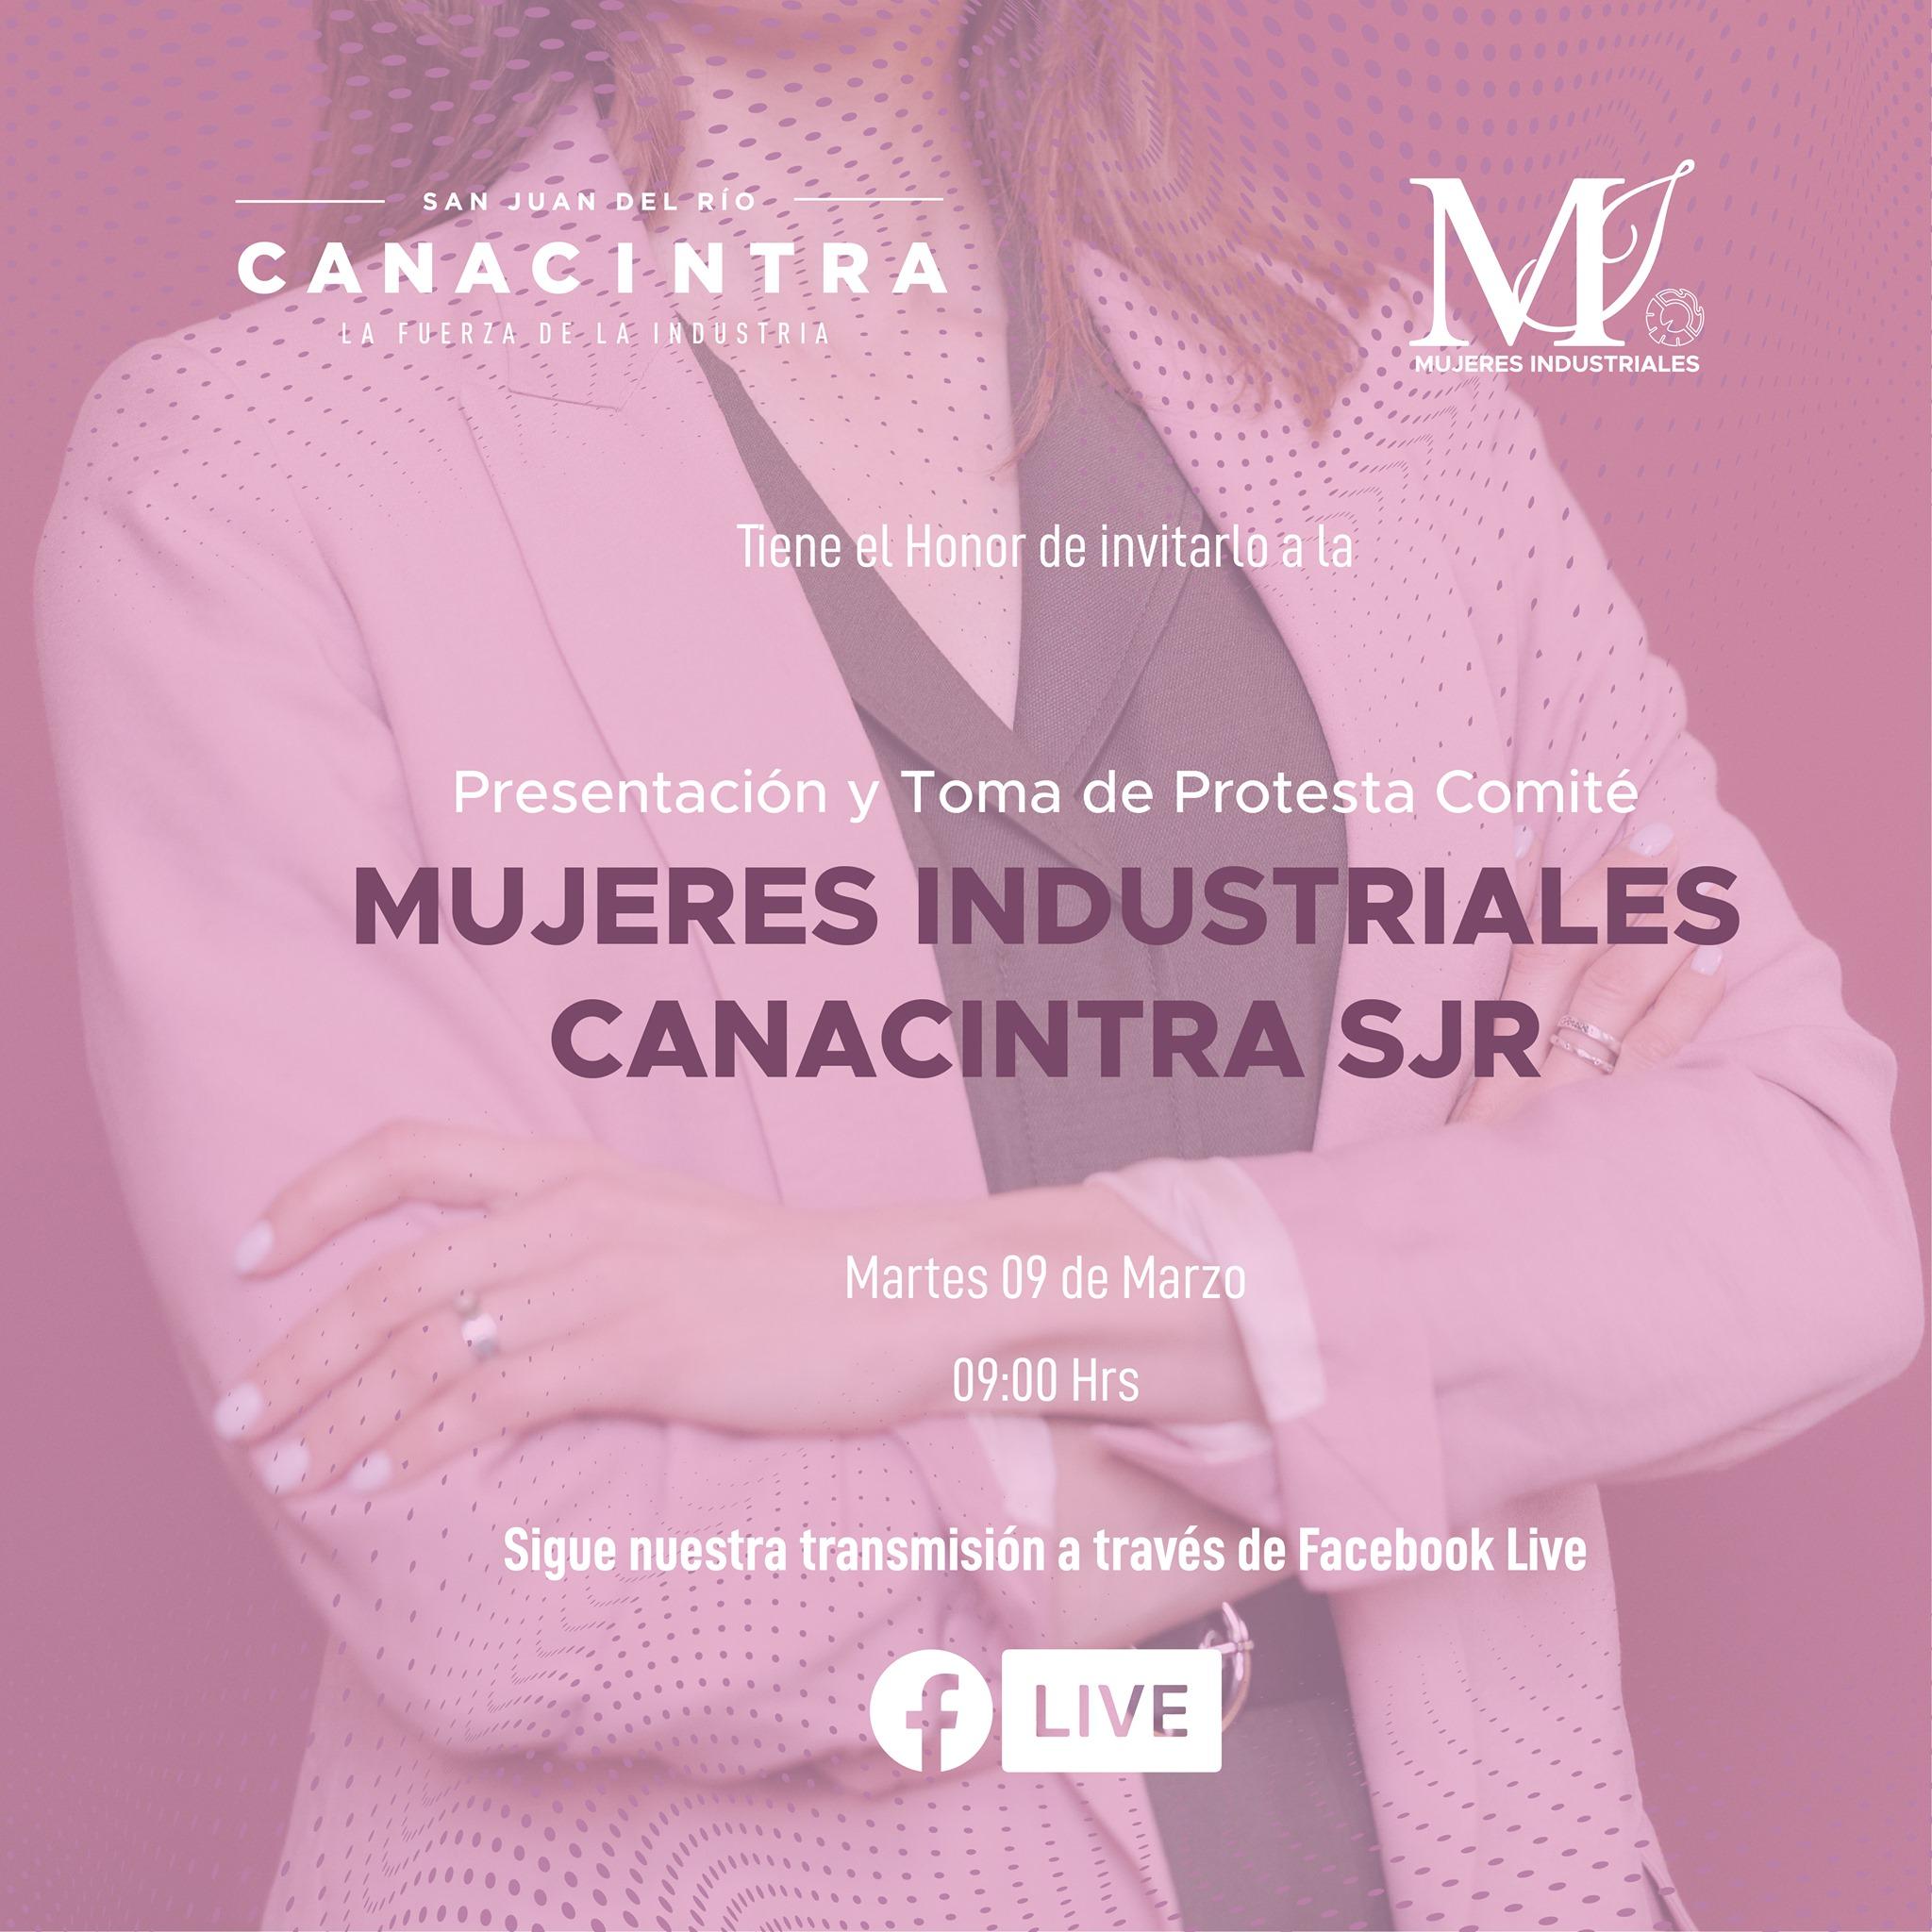 Presentación Mujeres Industriales Canacintra SJR